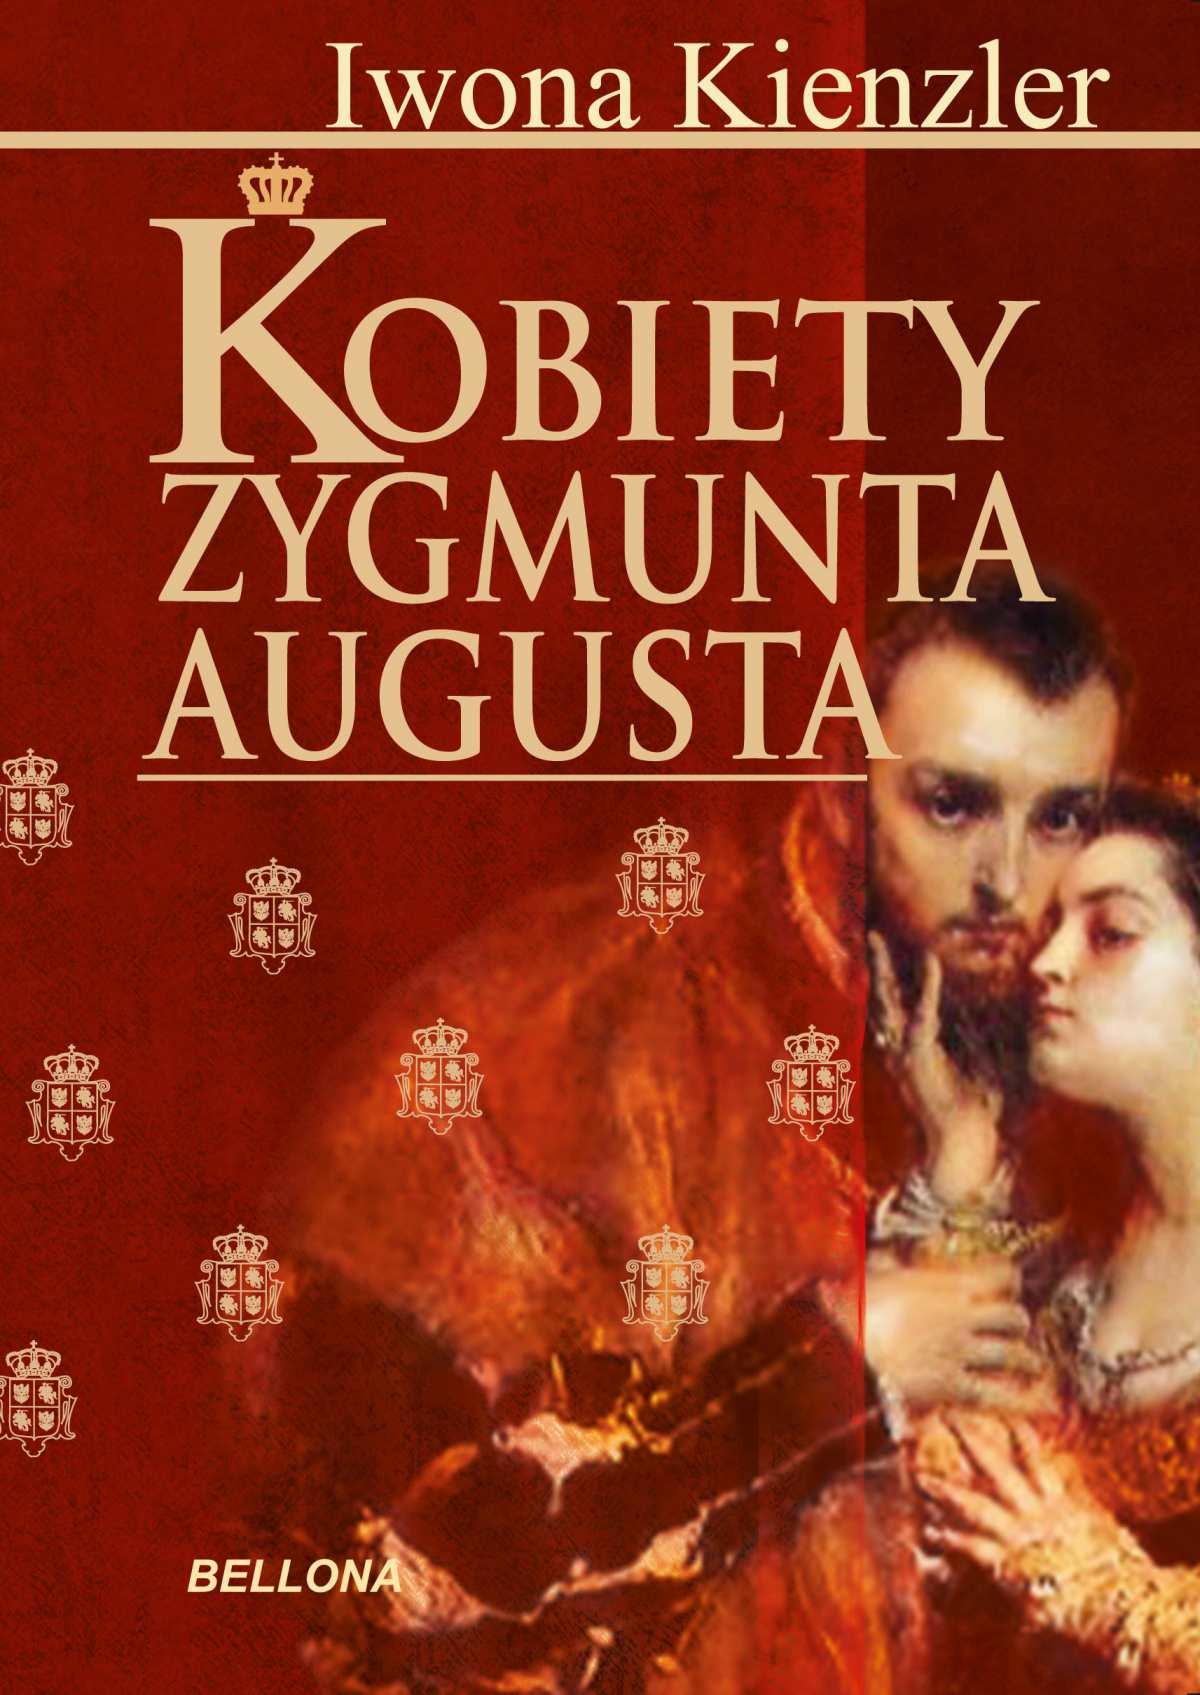 Kobiety Zygmunta Augusta - Ebook (Książka EPUB) do pobrania w formacie EPUB